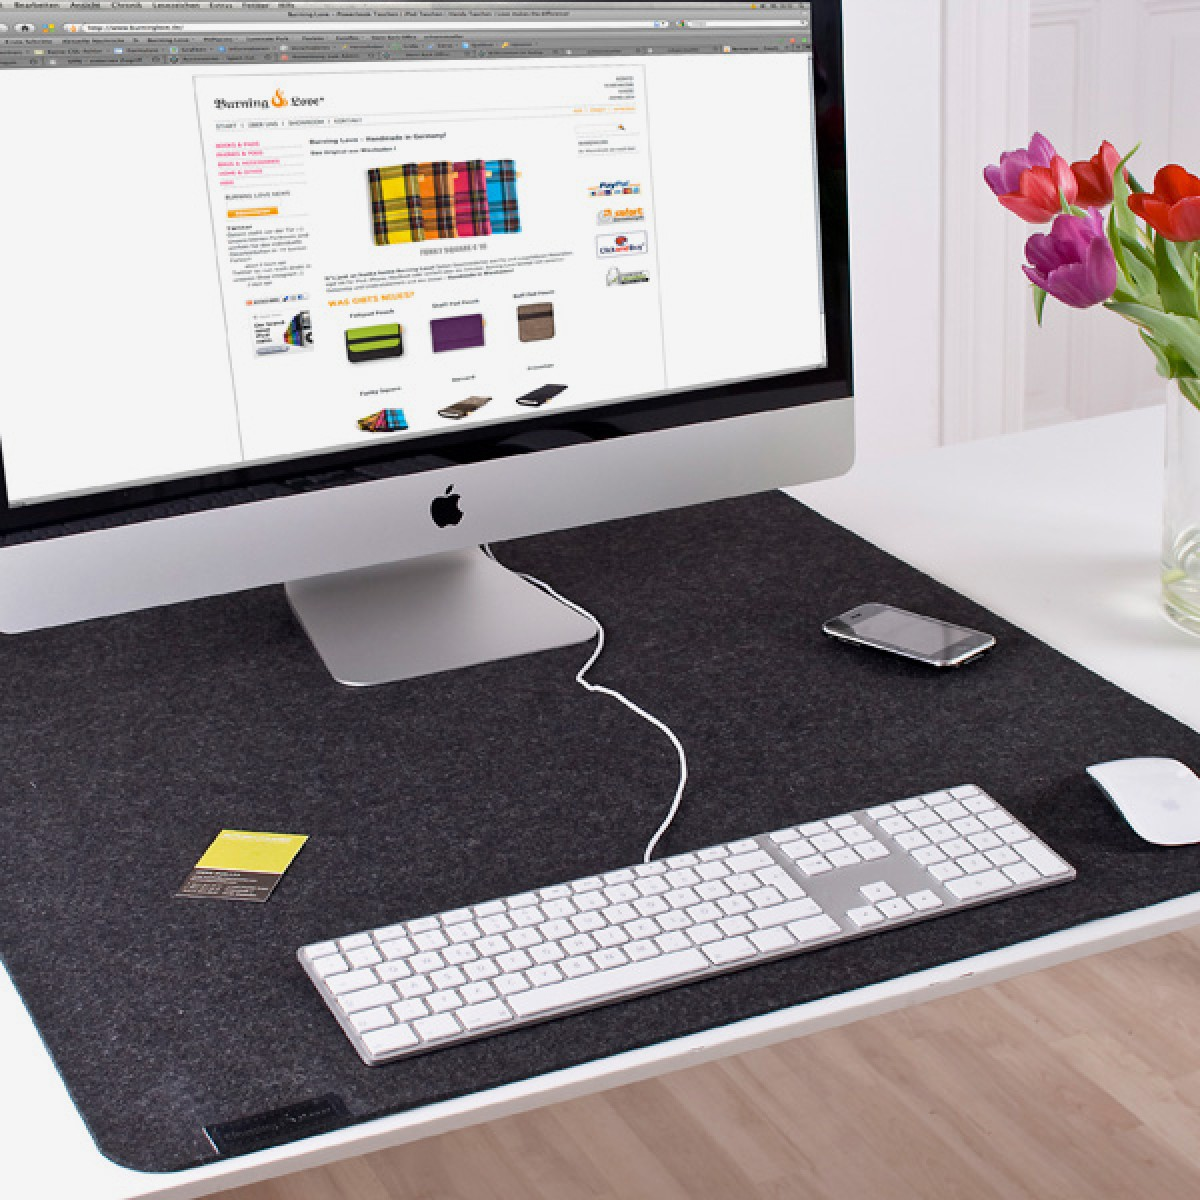 Desk-Pad Schreibtischunterlage King-Size (Filz) - Burning Love